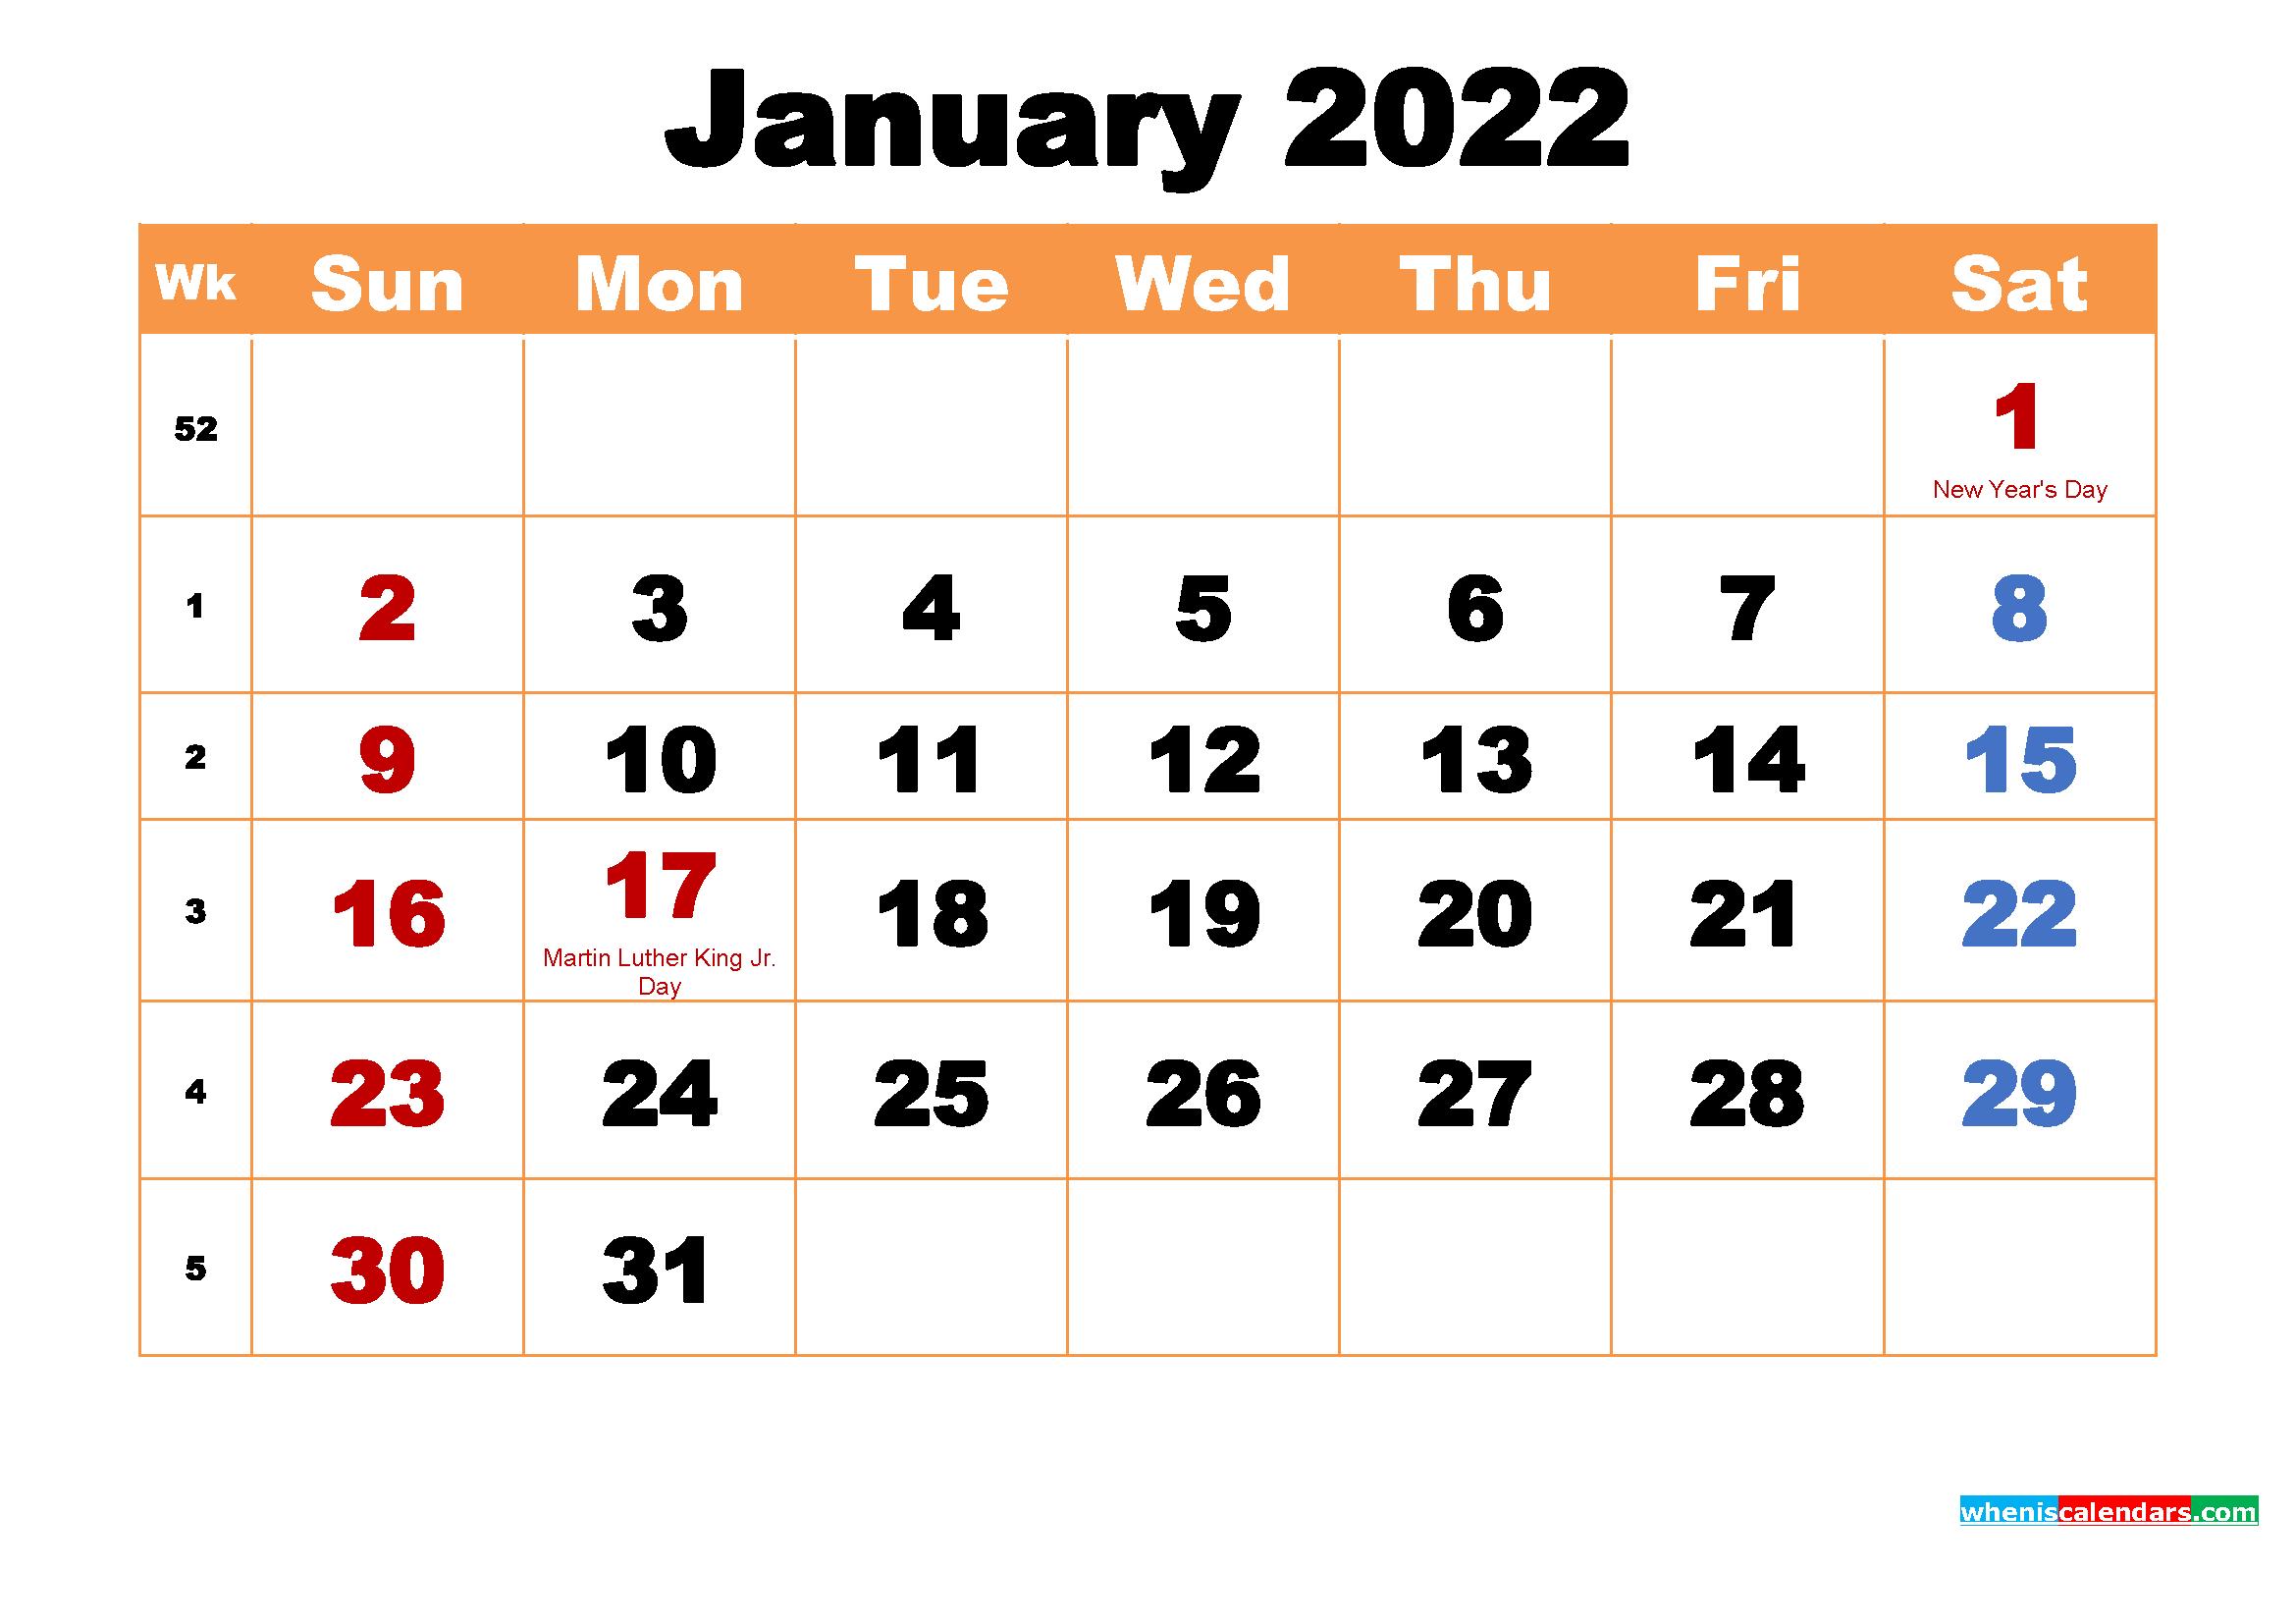 January 2022 Calendar Wallpaper High Resolution 2339x1654